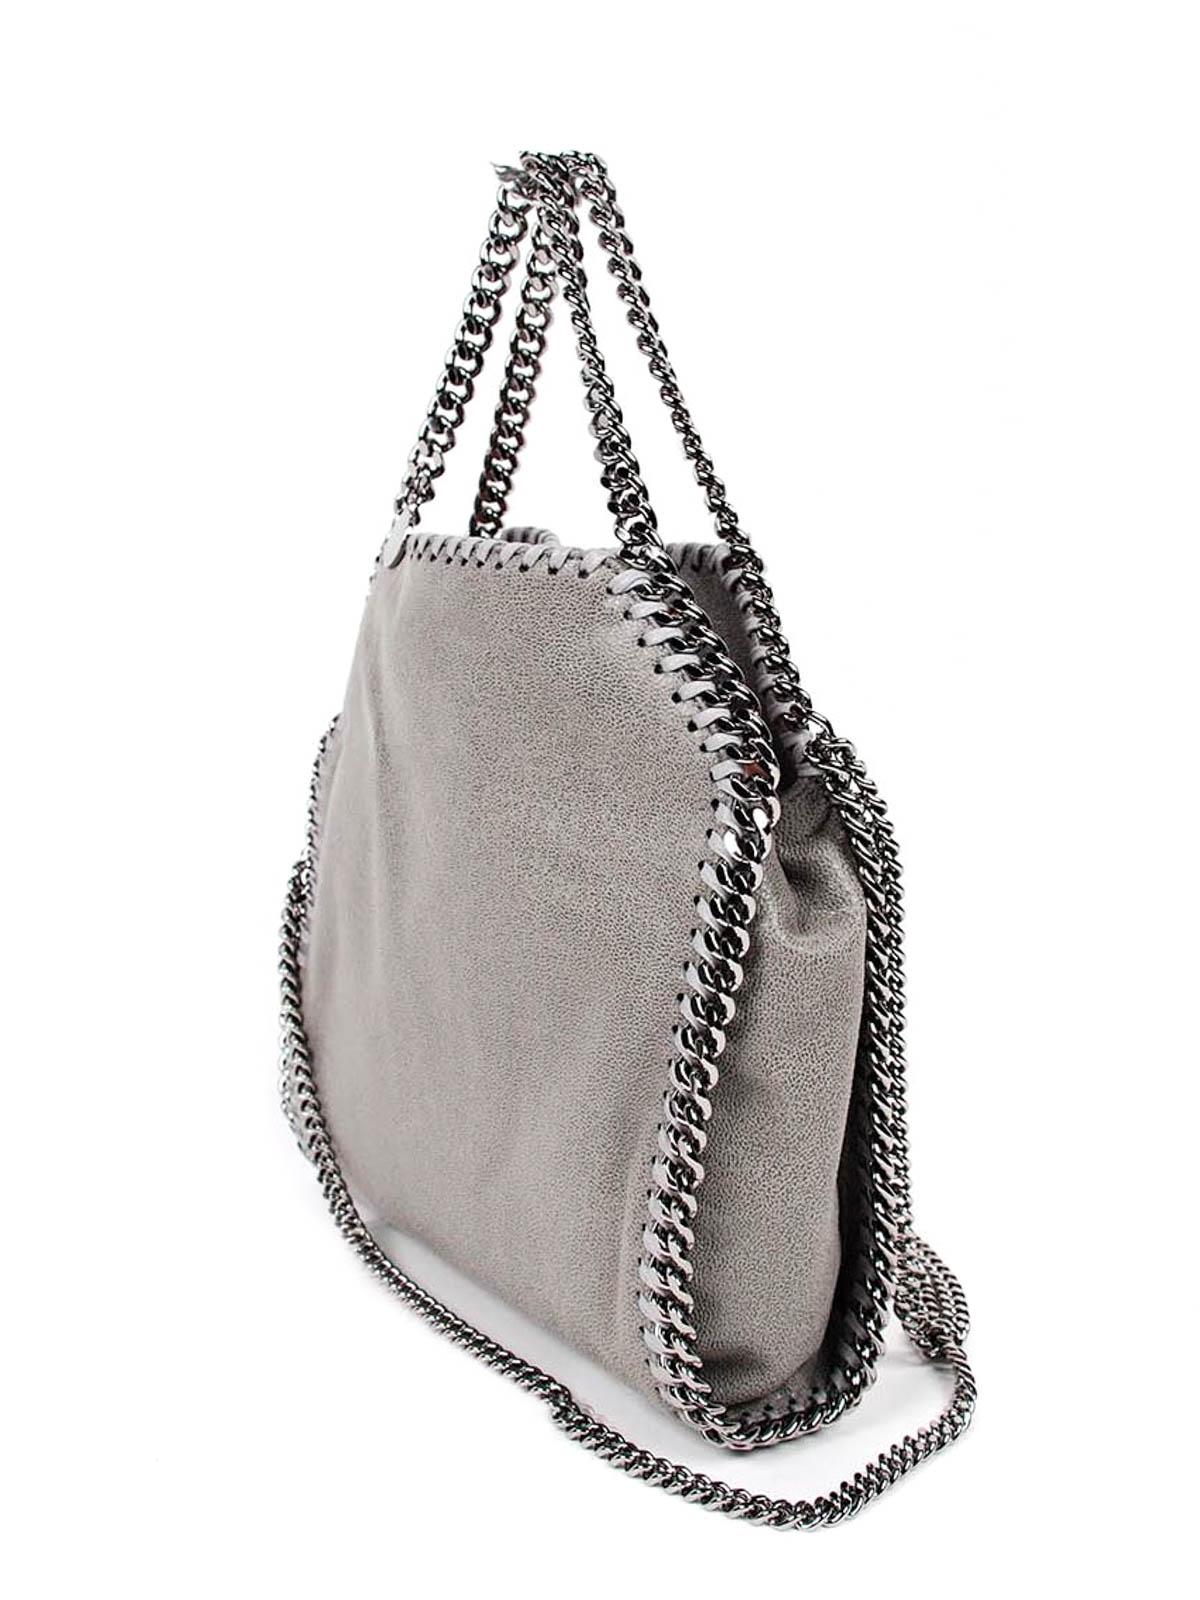 439de3d86831 Stella Mccartney - Falabella mini tote - totes bags - 371223W91321220